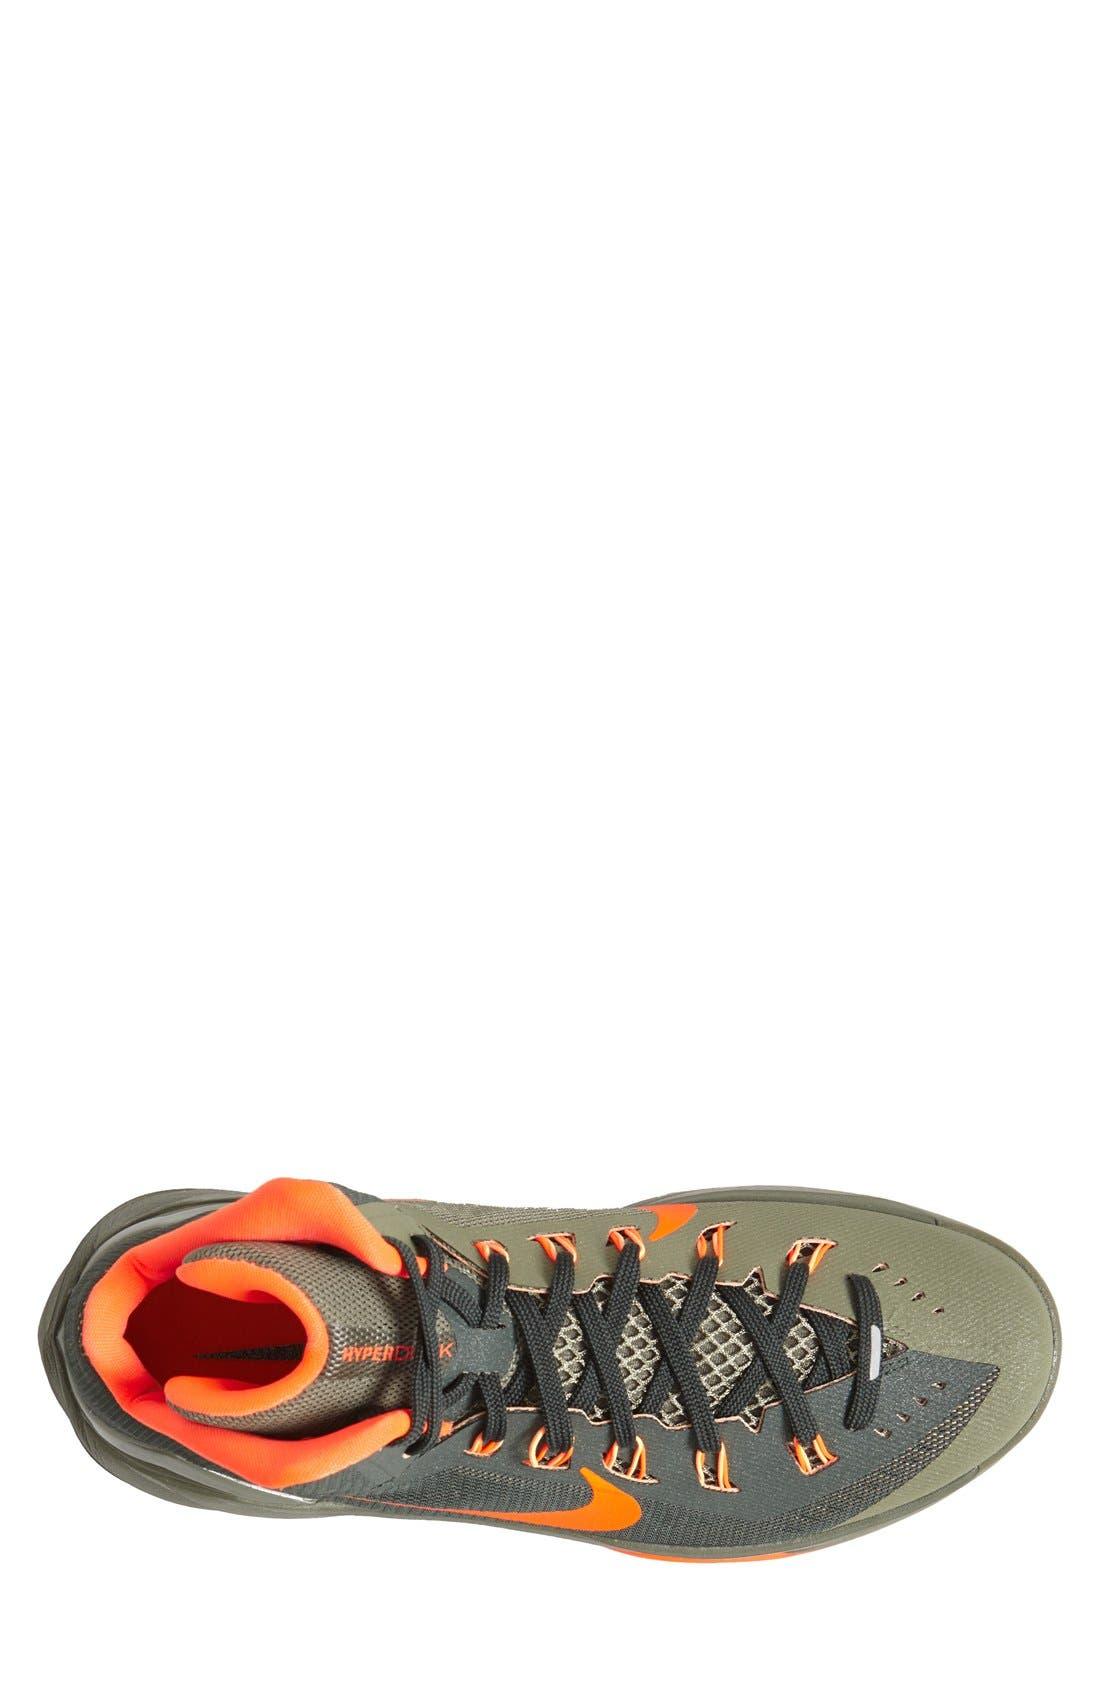 Alternate Image 3  - Nike 'Hyperdunk 2014' Basketball Shoe (Men)